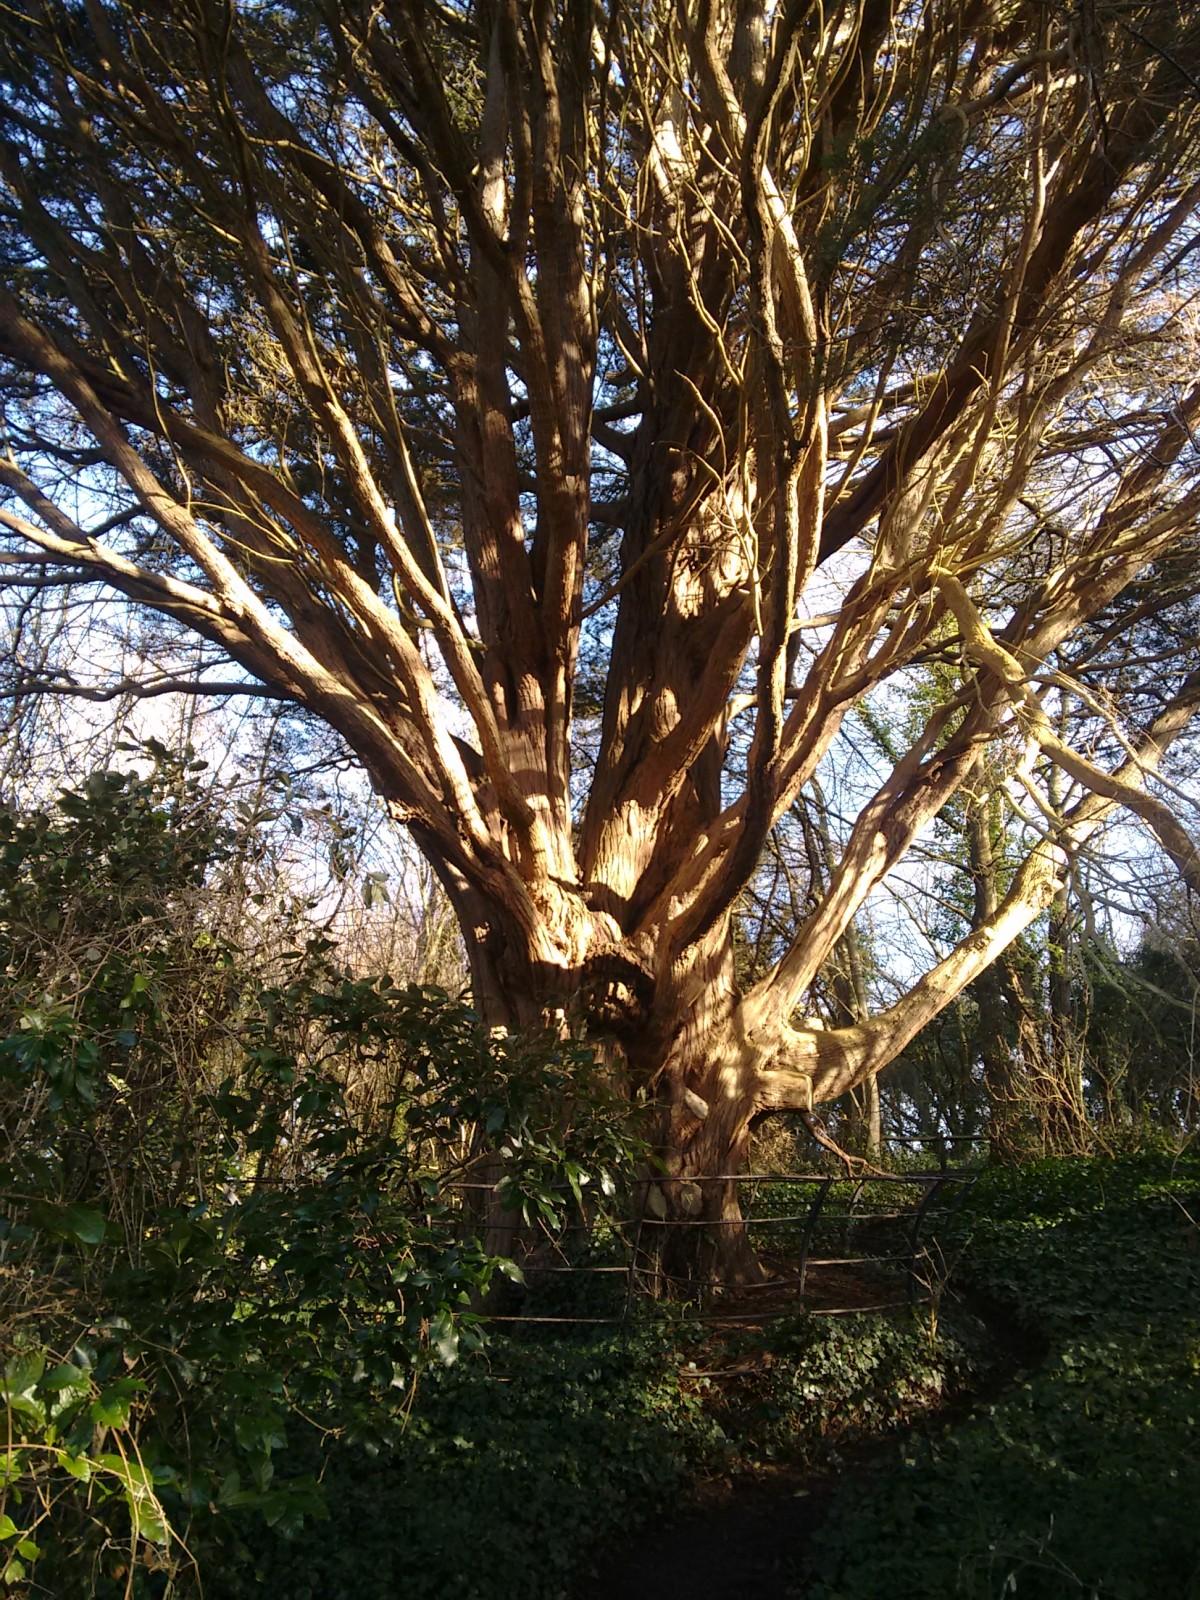 A secret arboretum